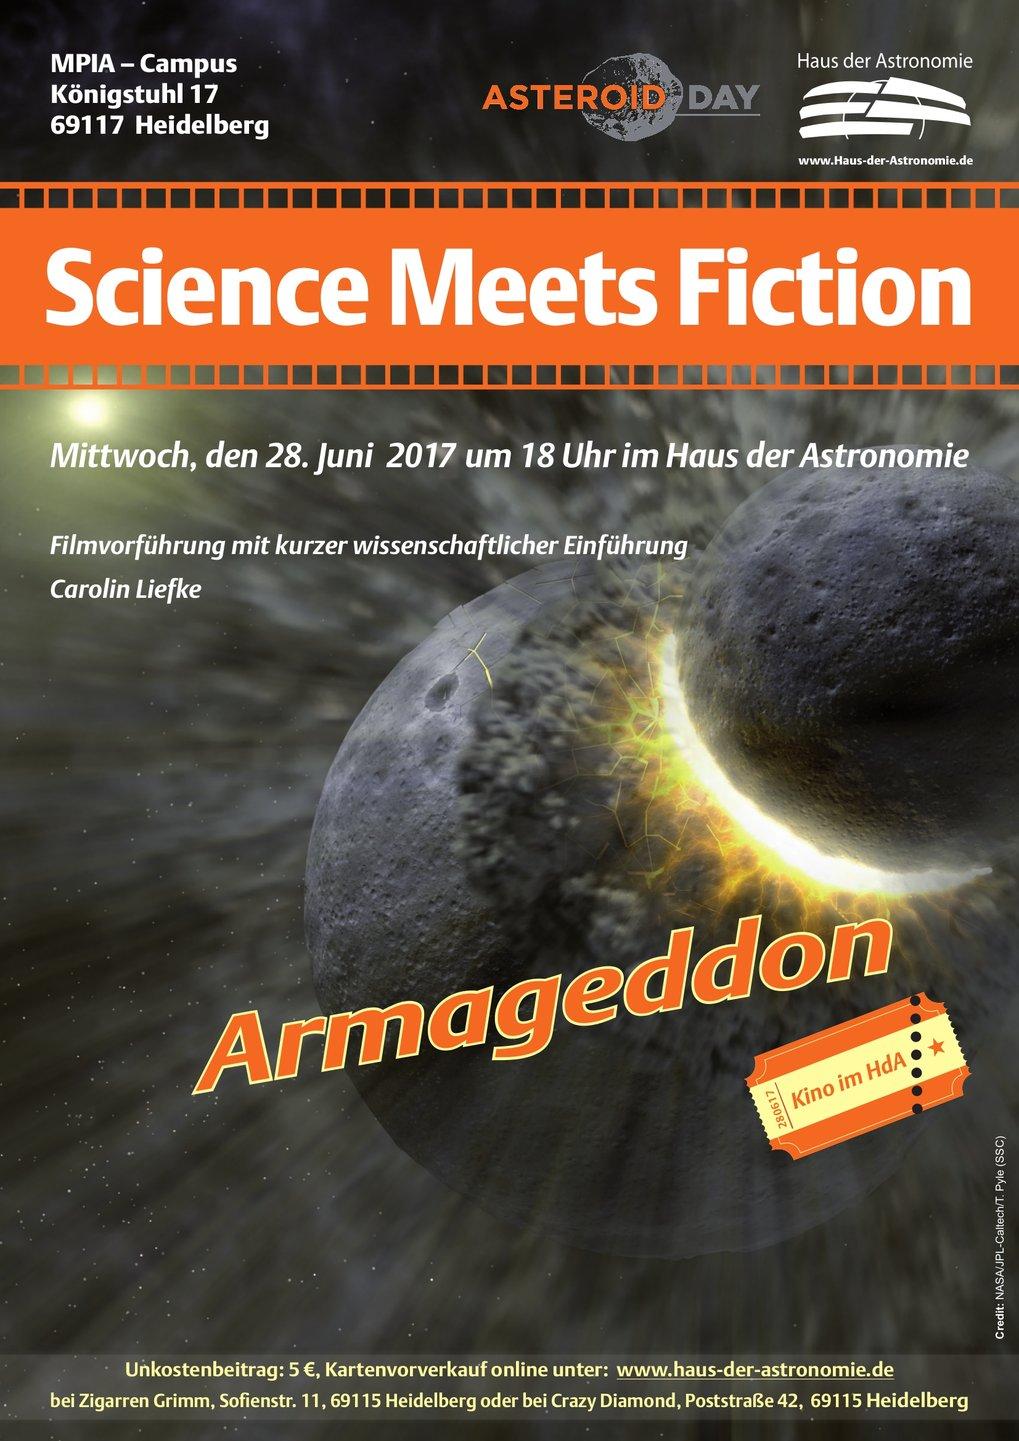 Science Meets Fiction: Armageddon | Haus der Astronomie